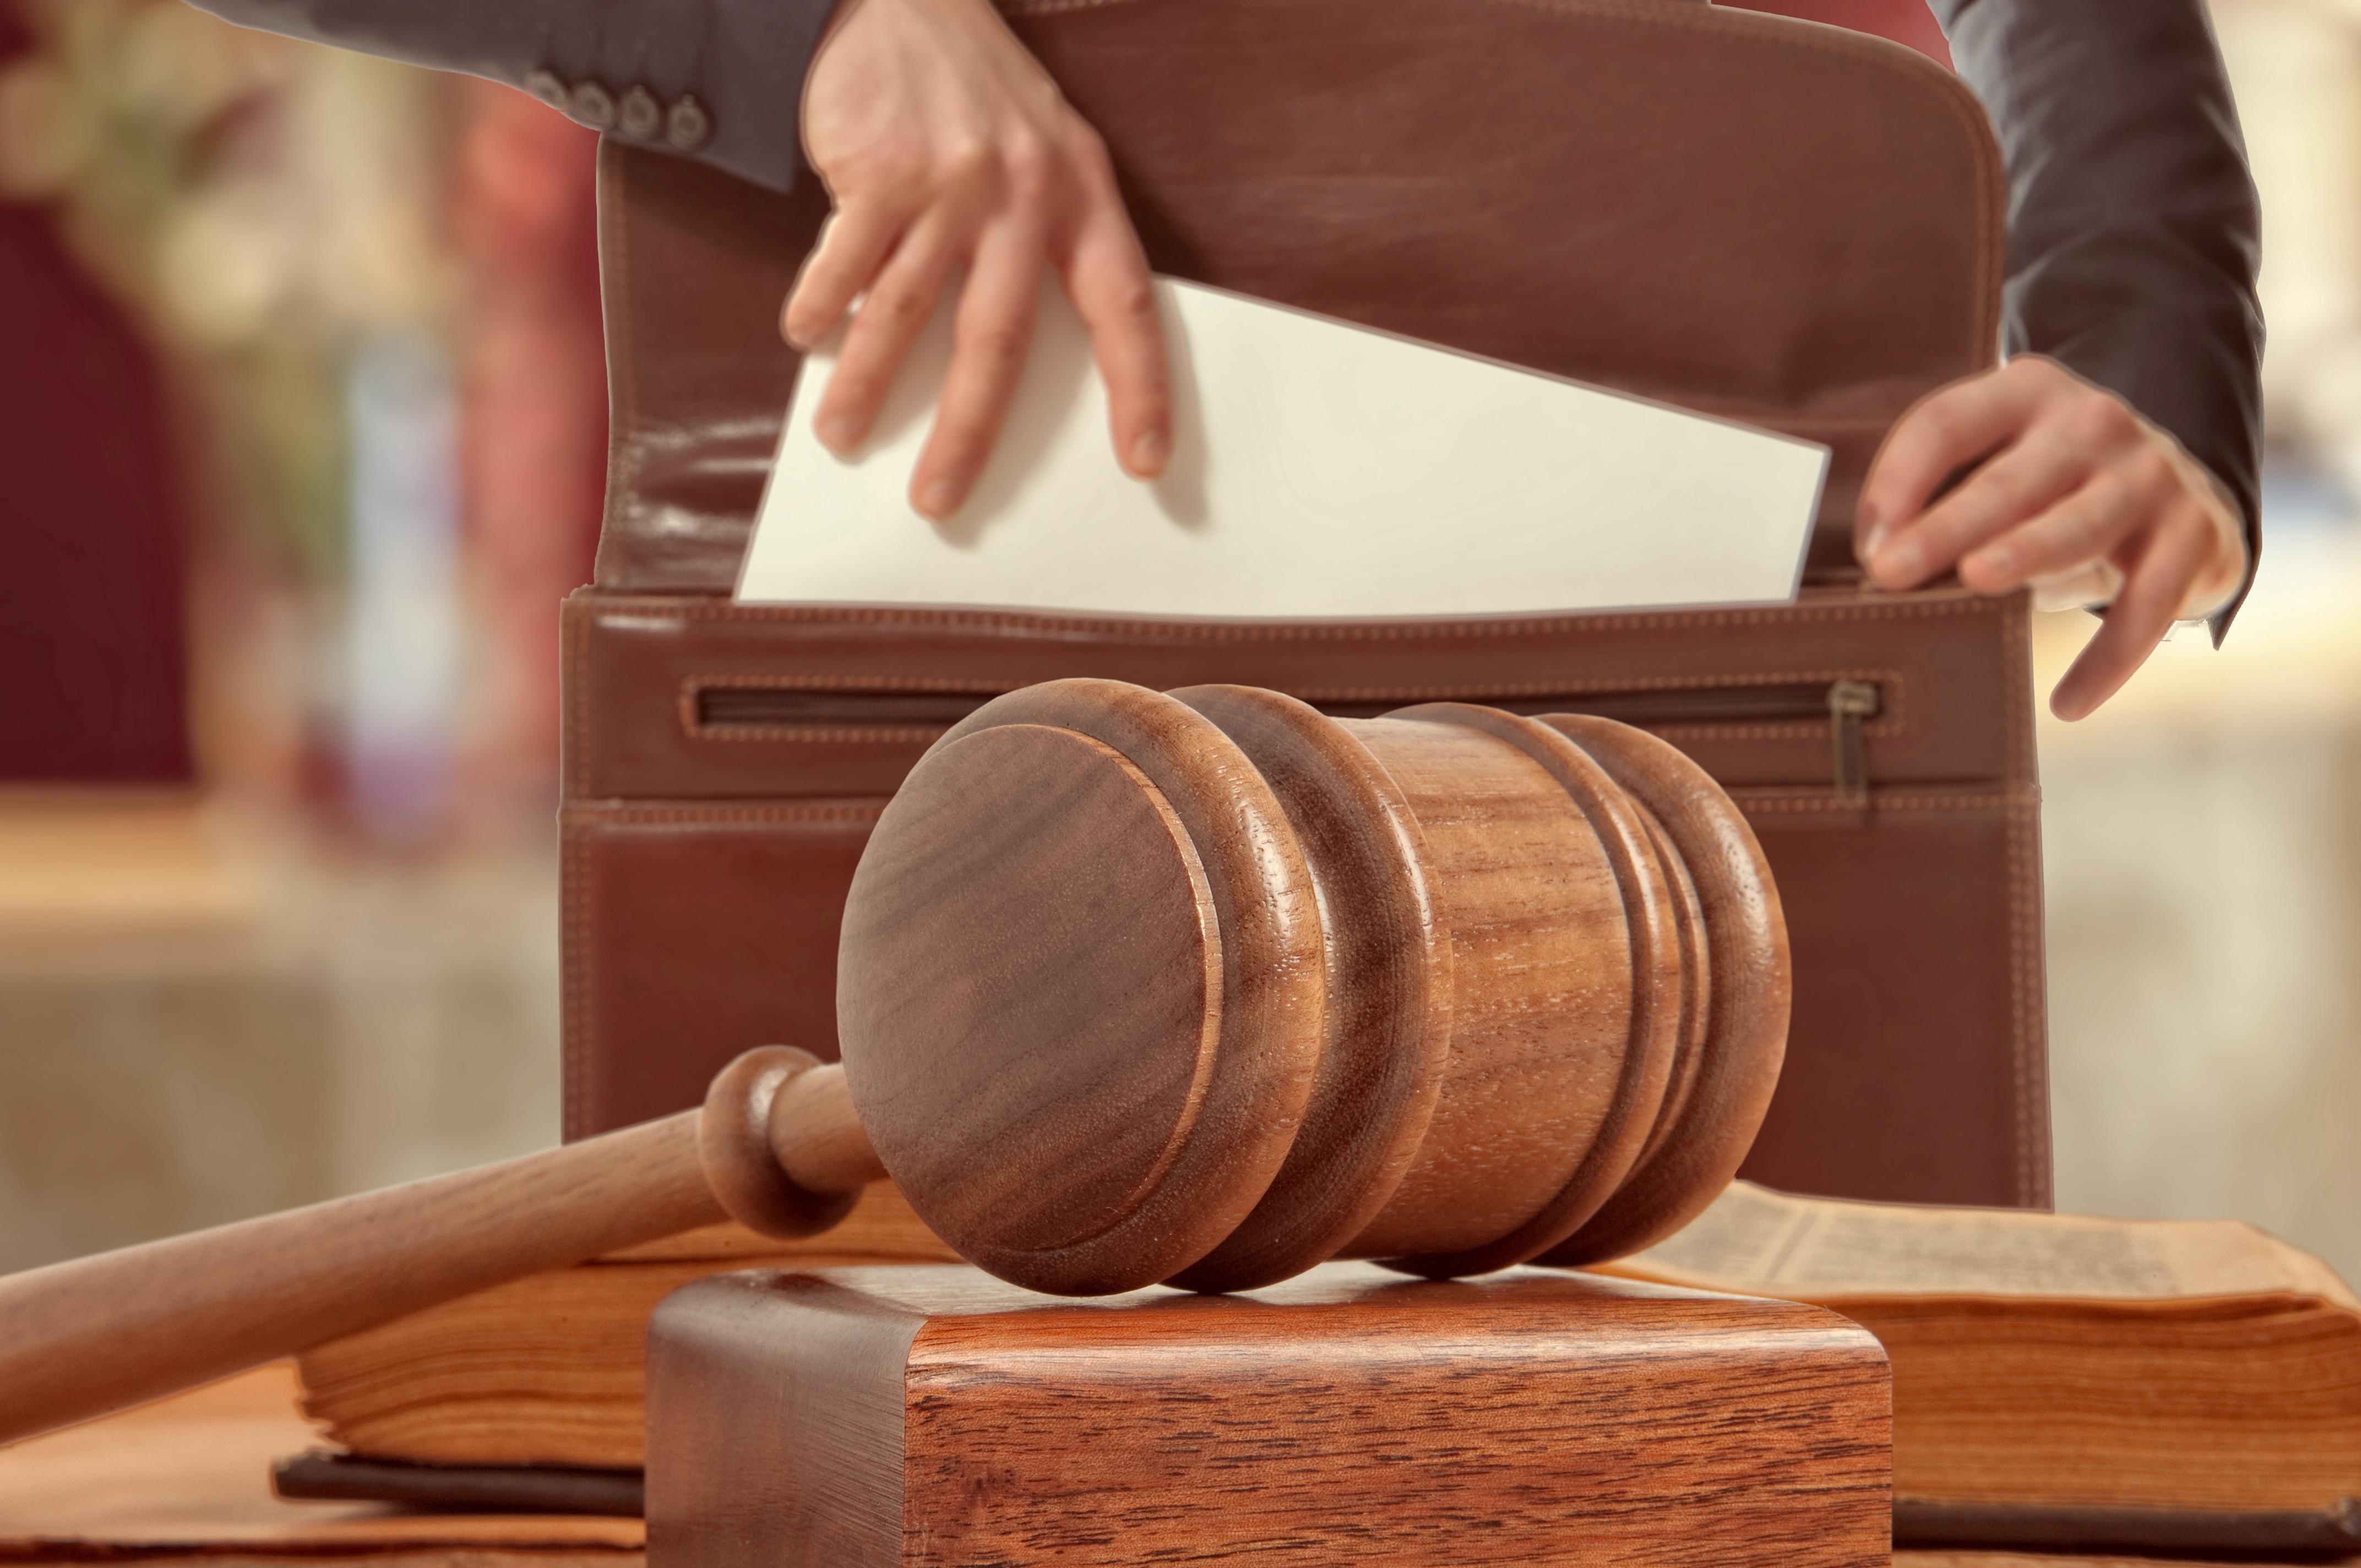 Speranța cu privire la judecată